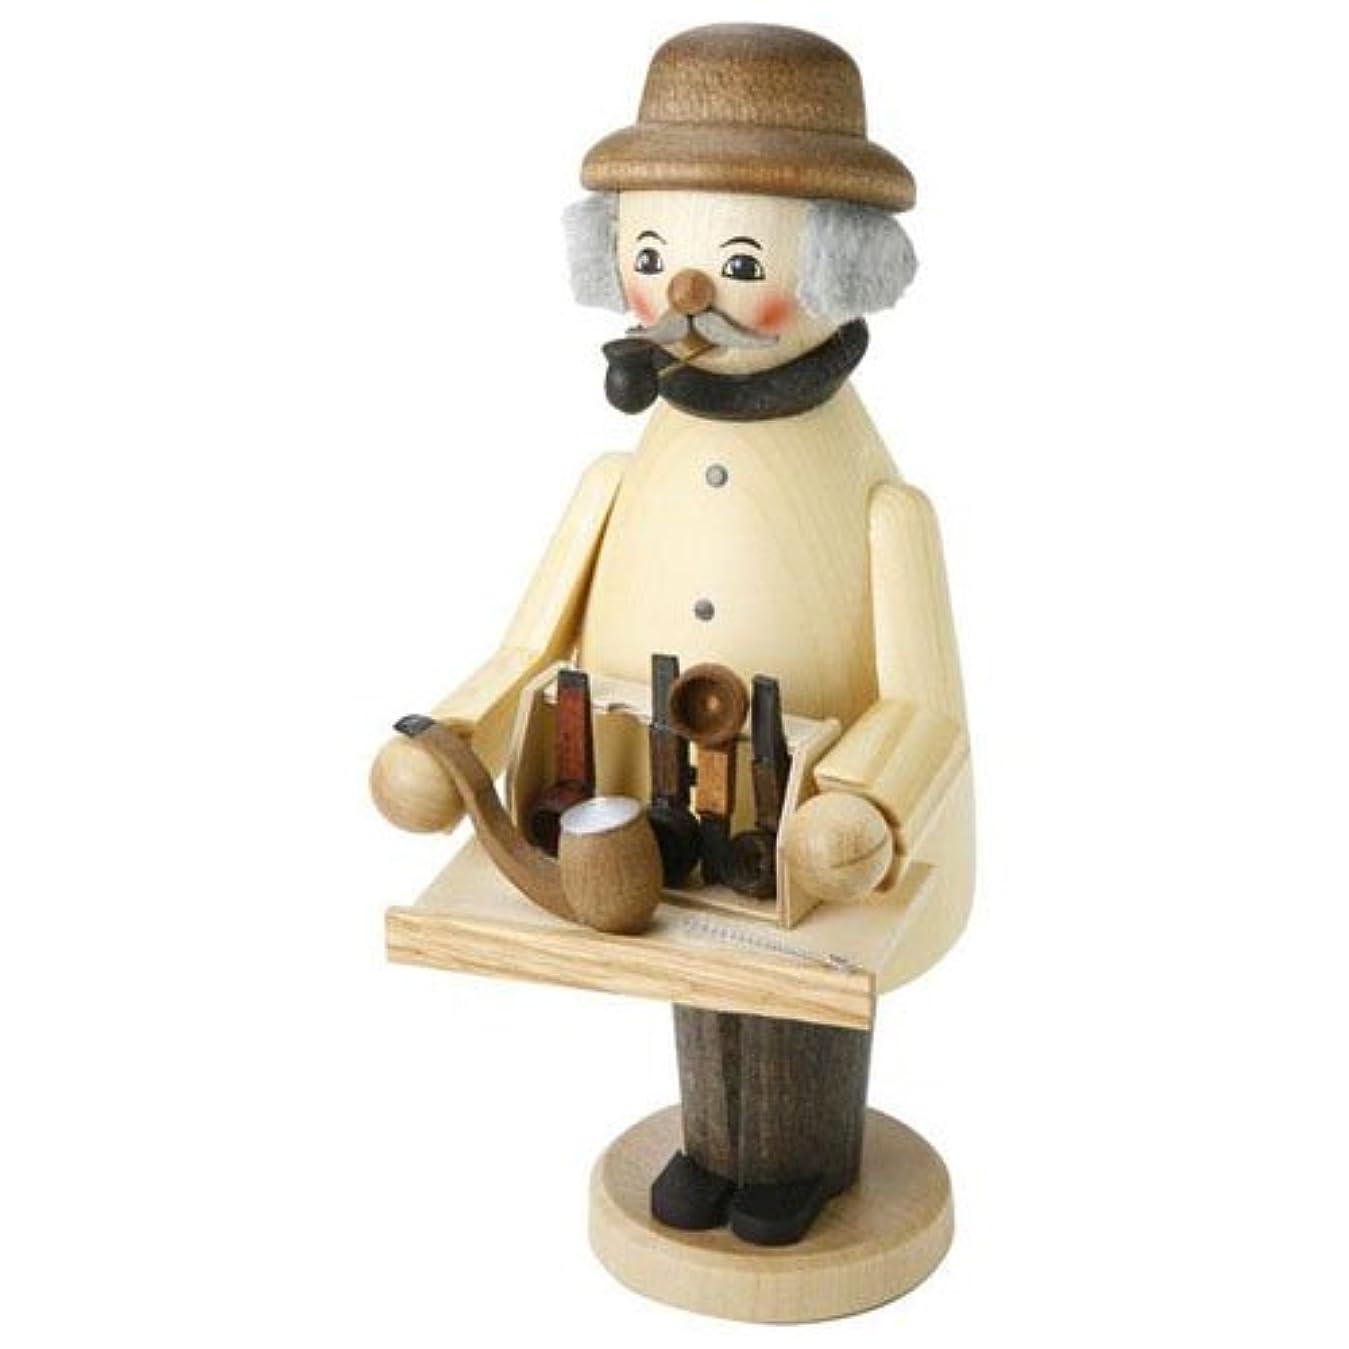 手配するパンお別れkuhnert ミニパイプ人形香炉 パイプ売り